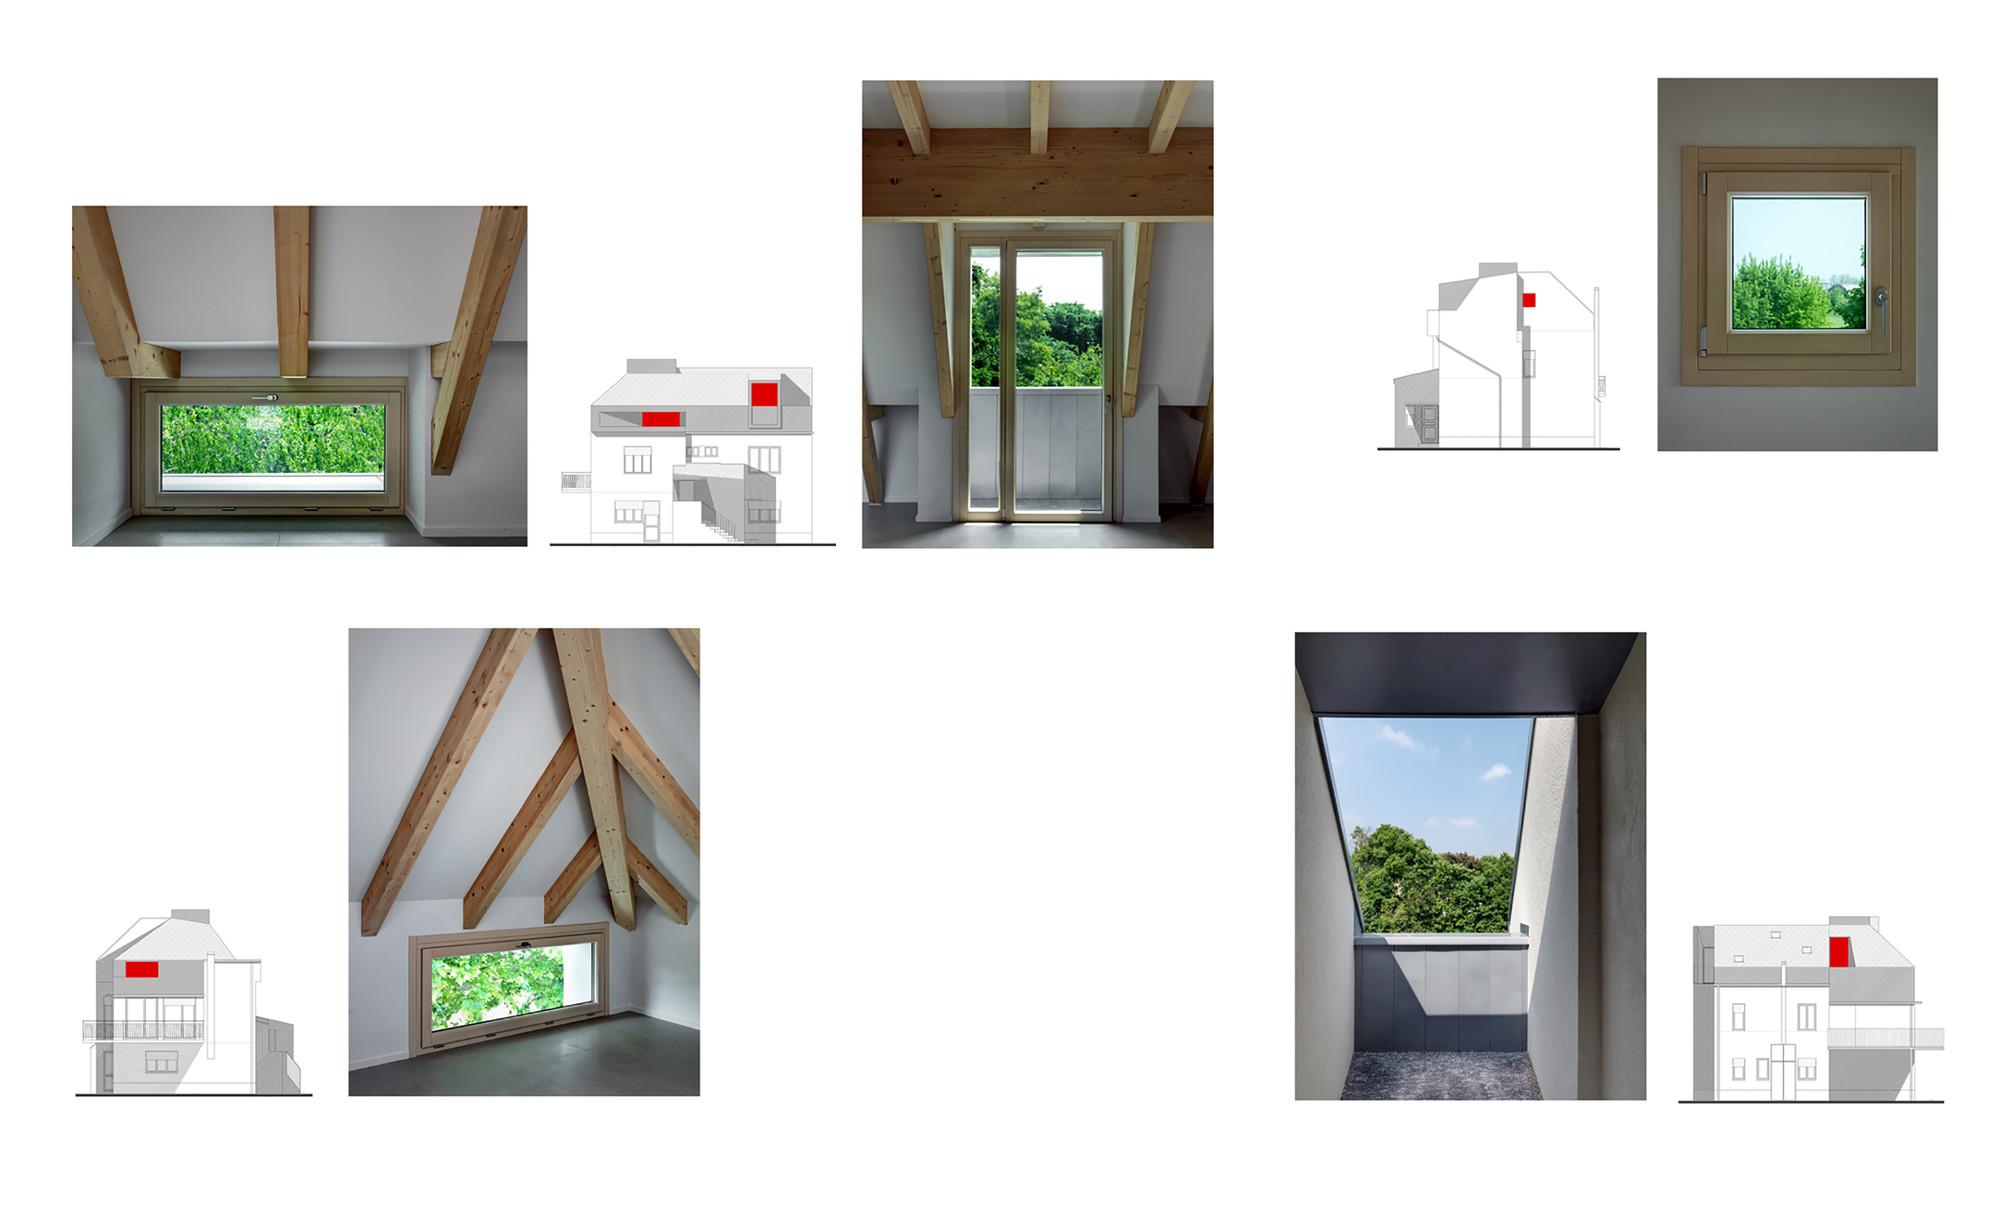 casa eg / es-arch  diagram 0